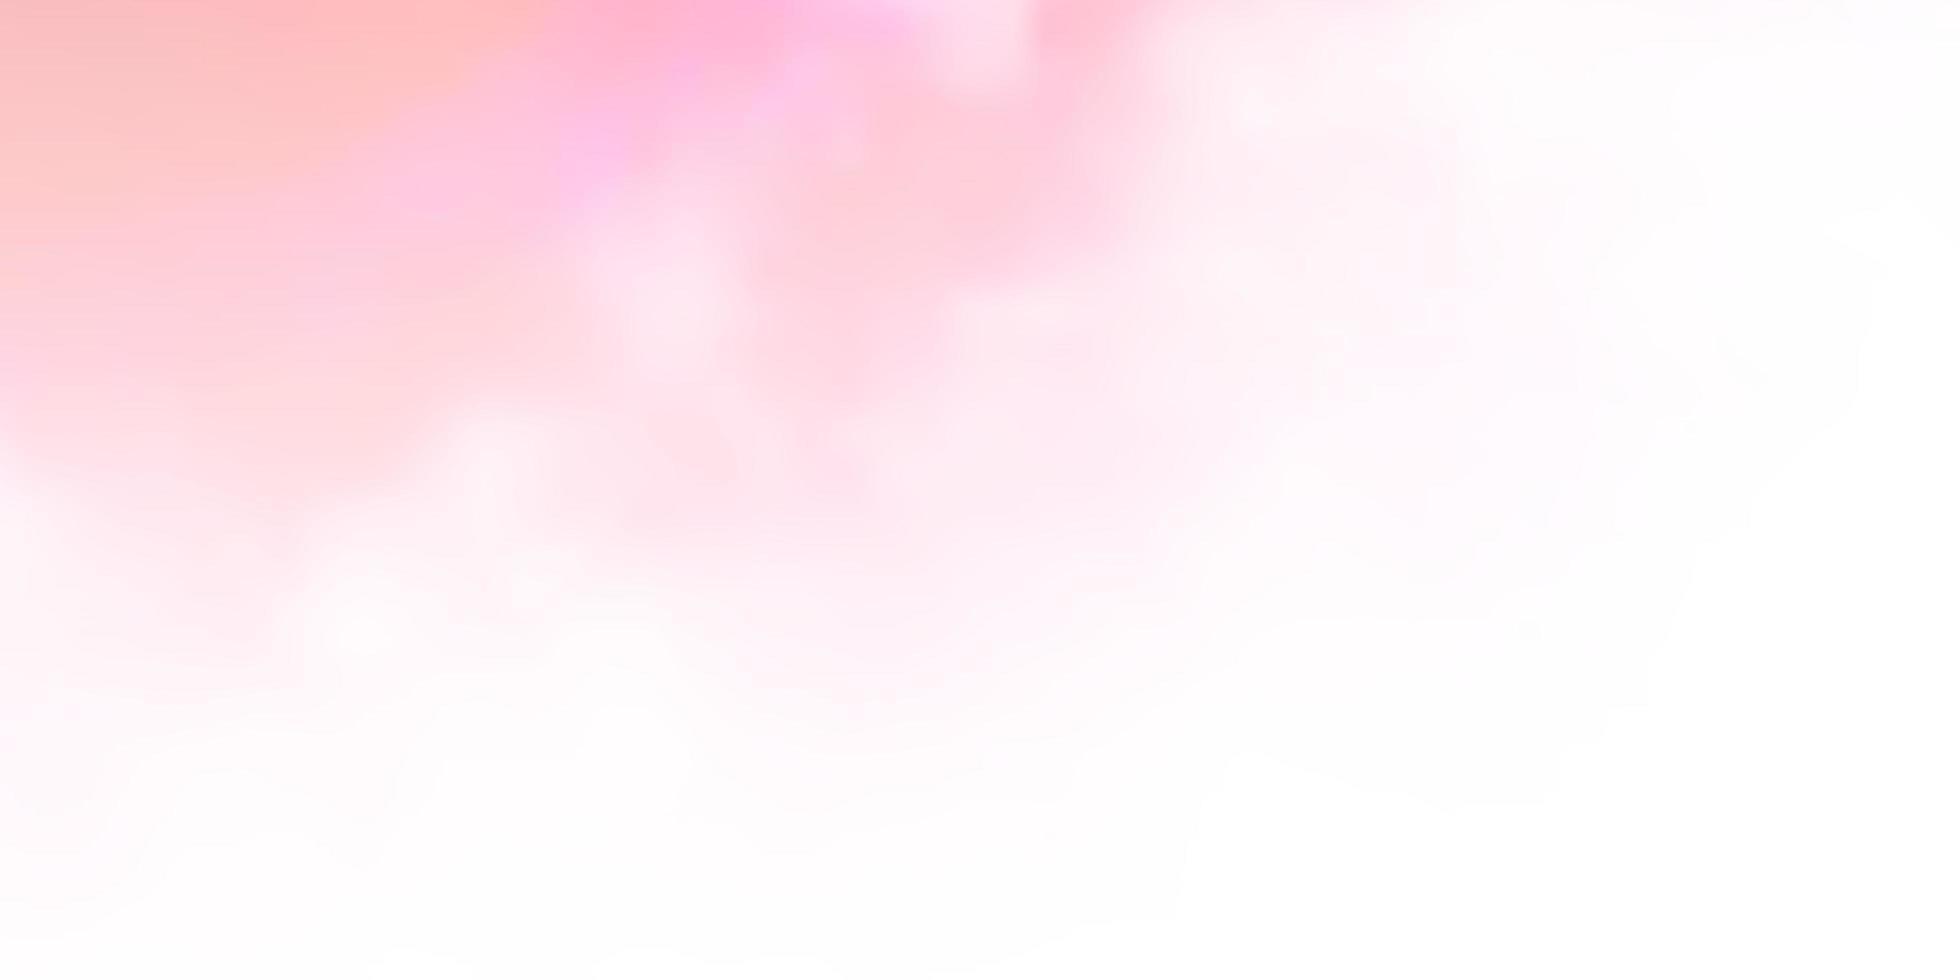 textura de color rojo claro con cielo nublado. vector